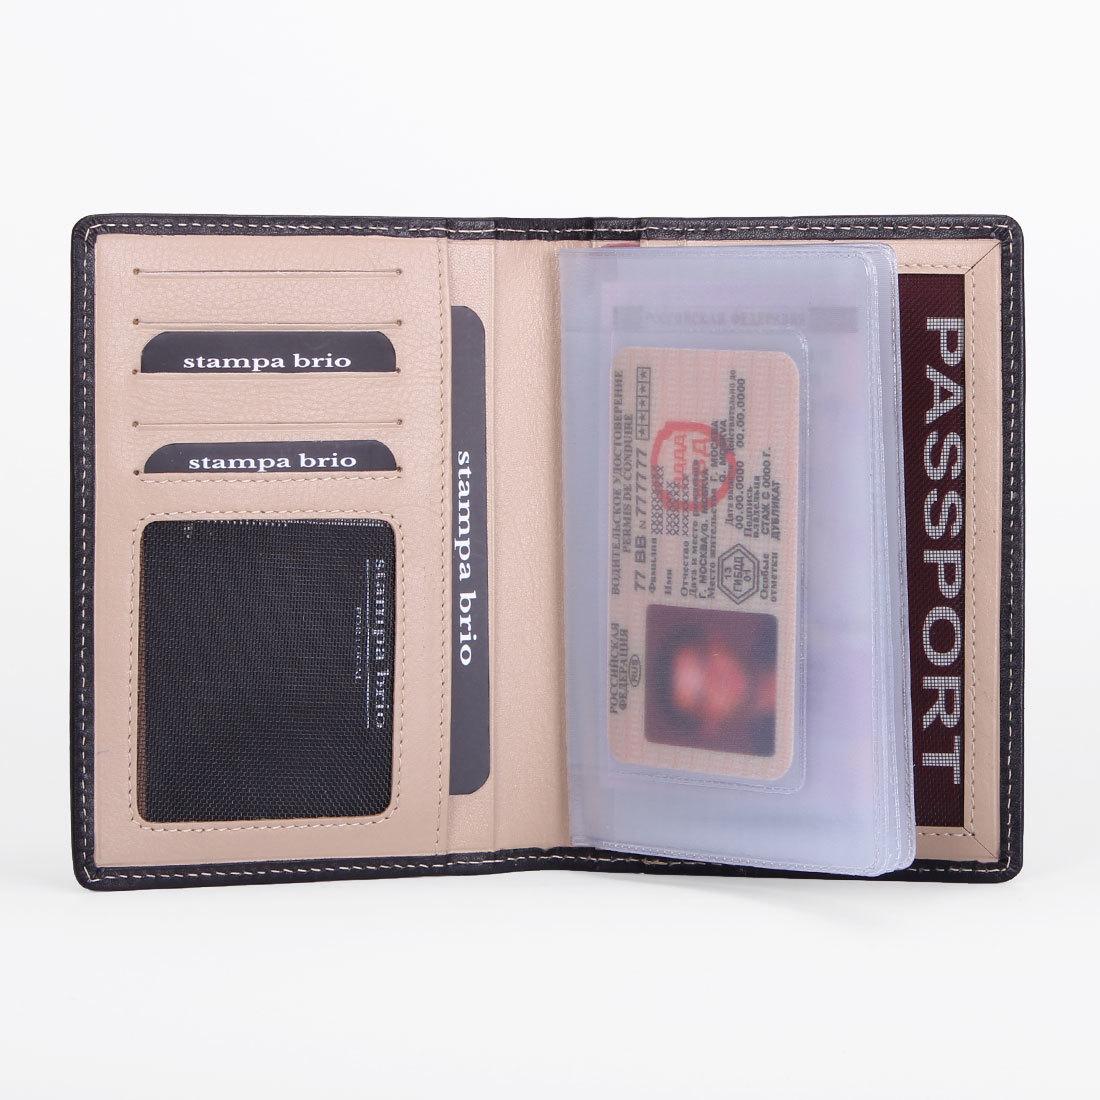 103 R - Обложка для документов с RFID защитой